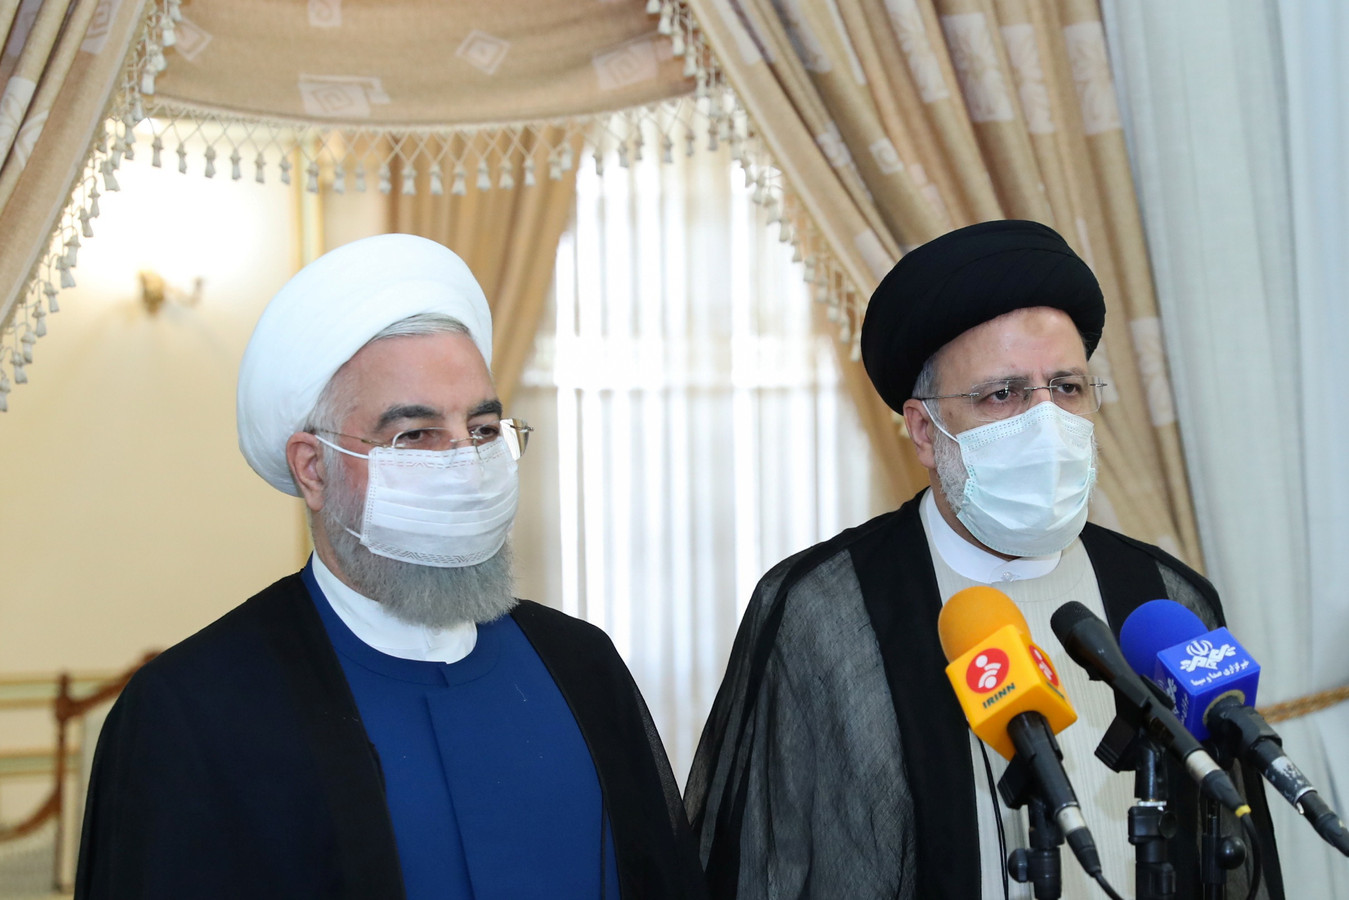 Vertrekkend president Hassan Rouhani (links) en de nieuwe president Ebrahim Raisi op een persconferentie zaterdag.